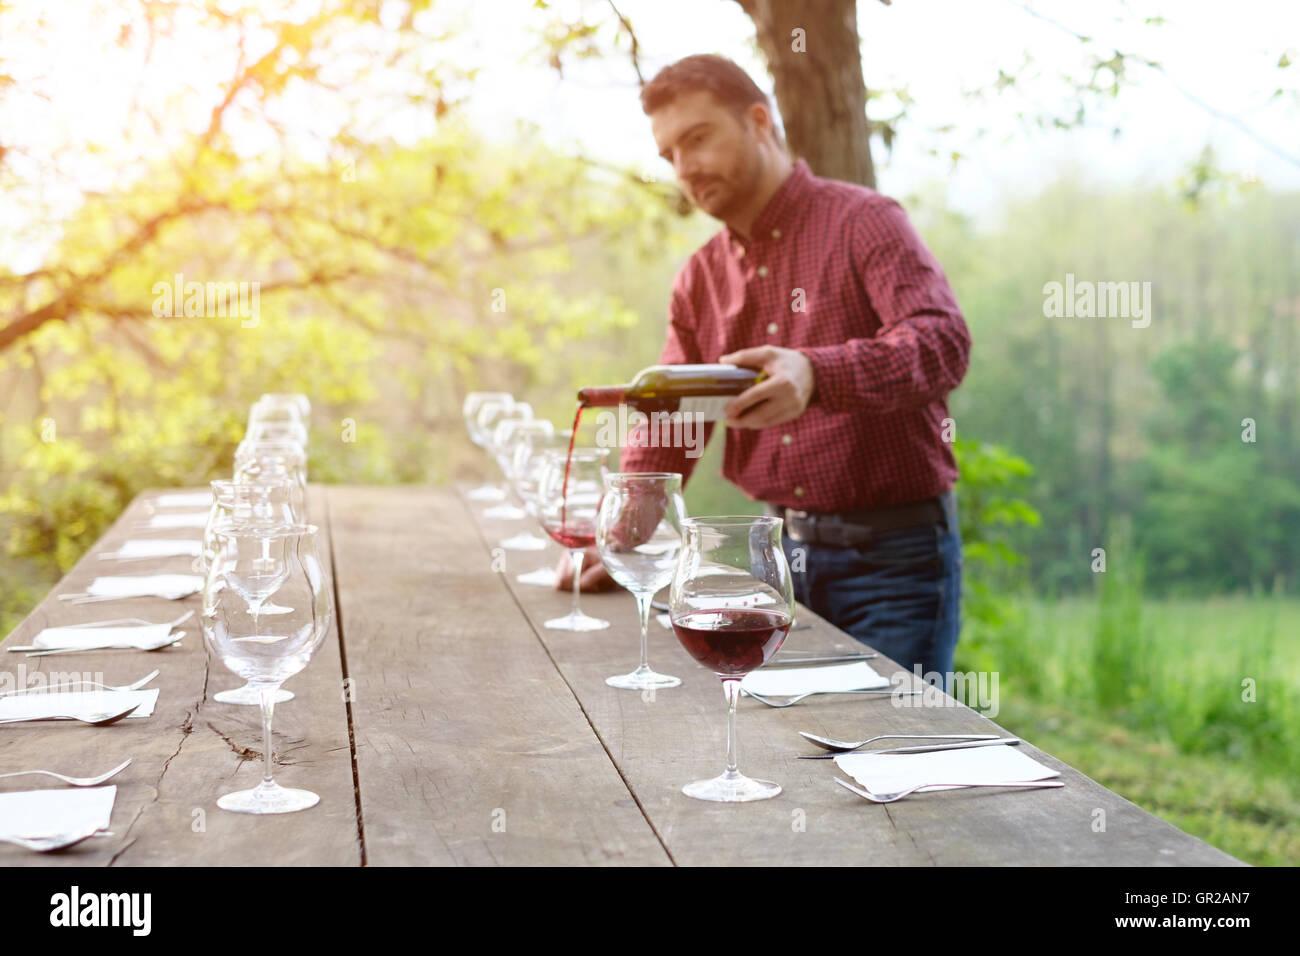 Porträt von Weinproduzenten in Weingläser Rotwein gießen Stockbild